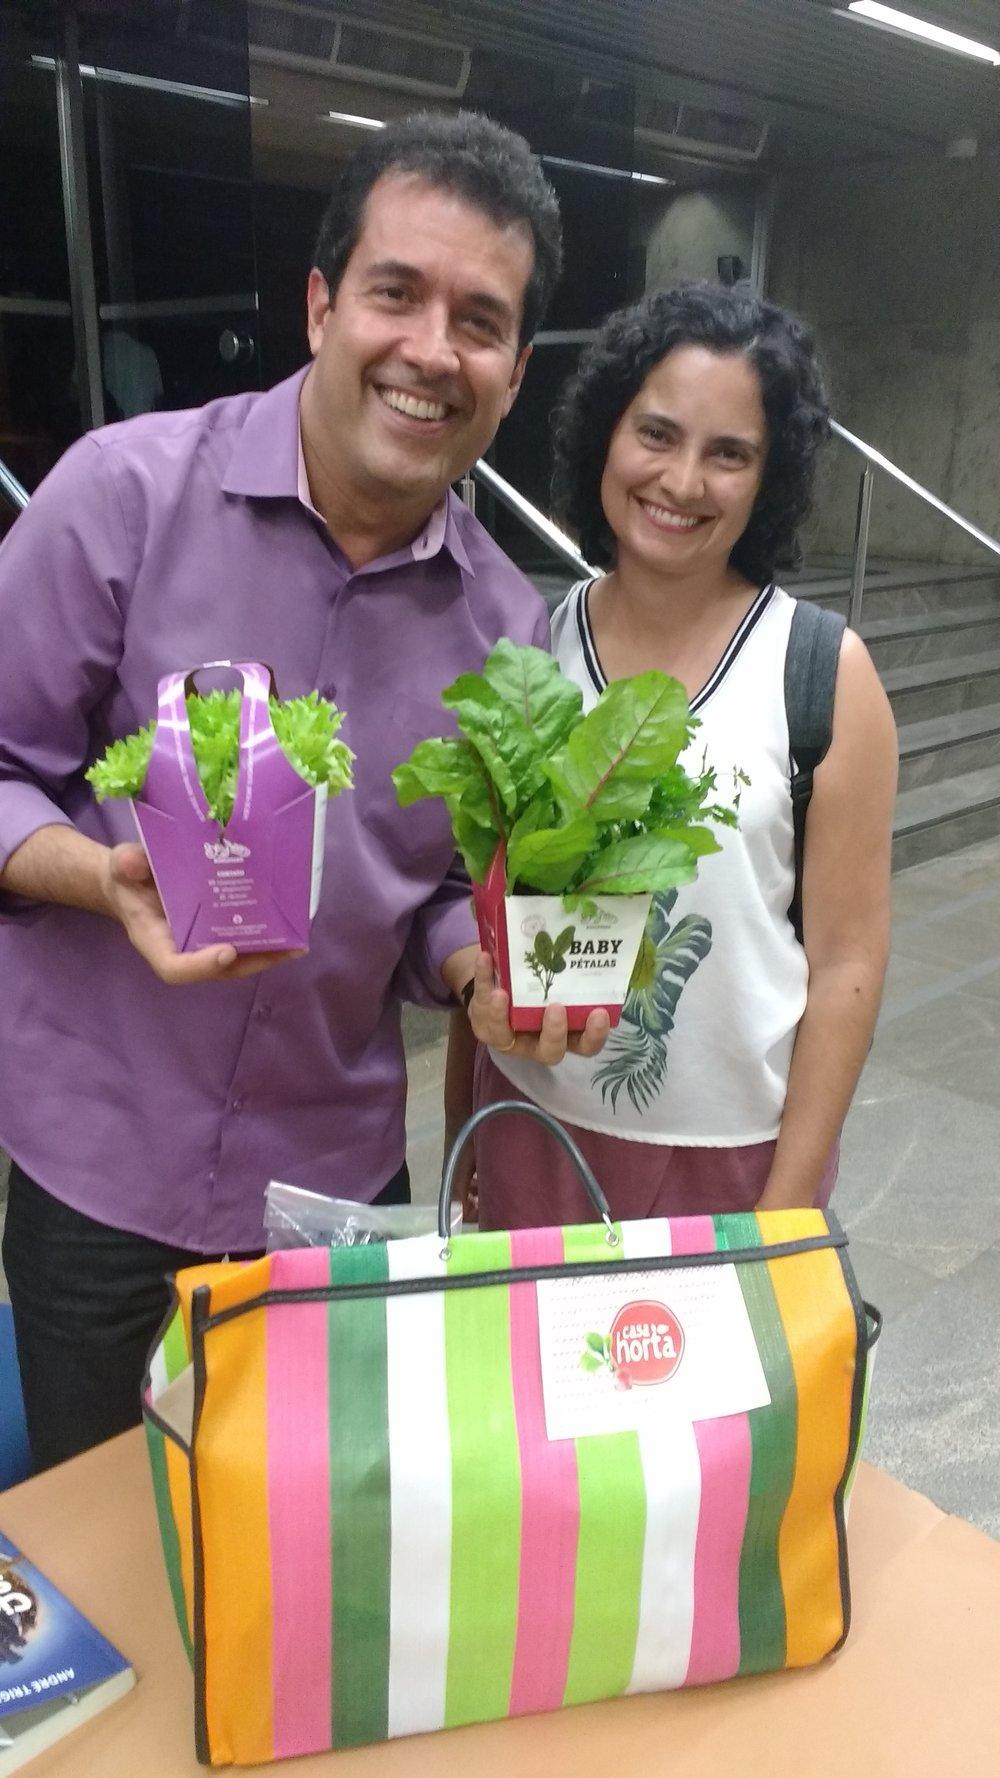 Contamos um pouco sobre a Be Green e a Casa Horta - da melhor maneira, com uma cesta recheada de produtos gostosos, saudáveis e confiáveis :)